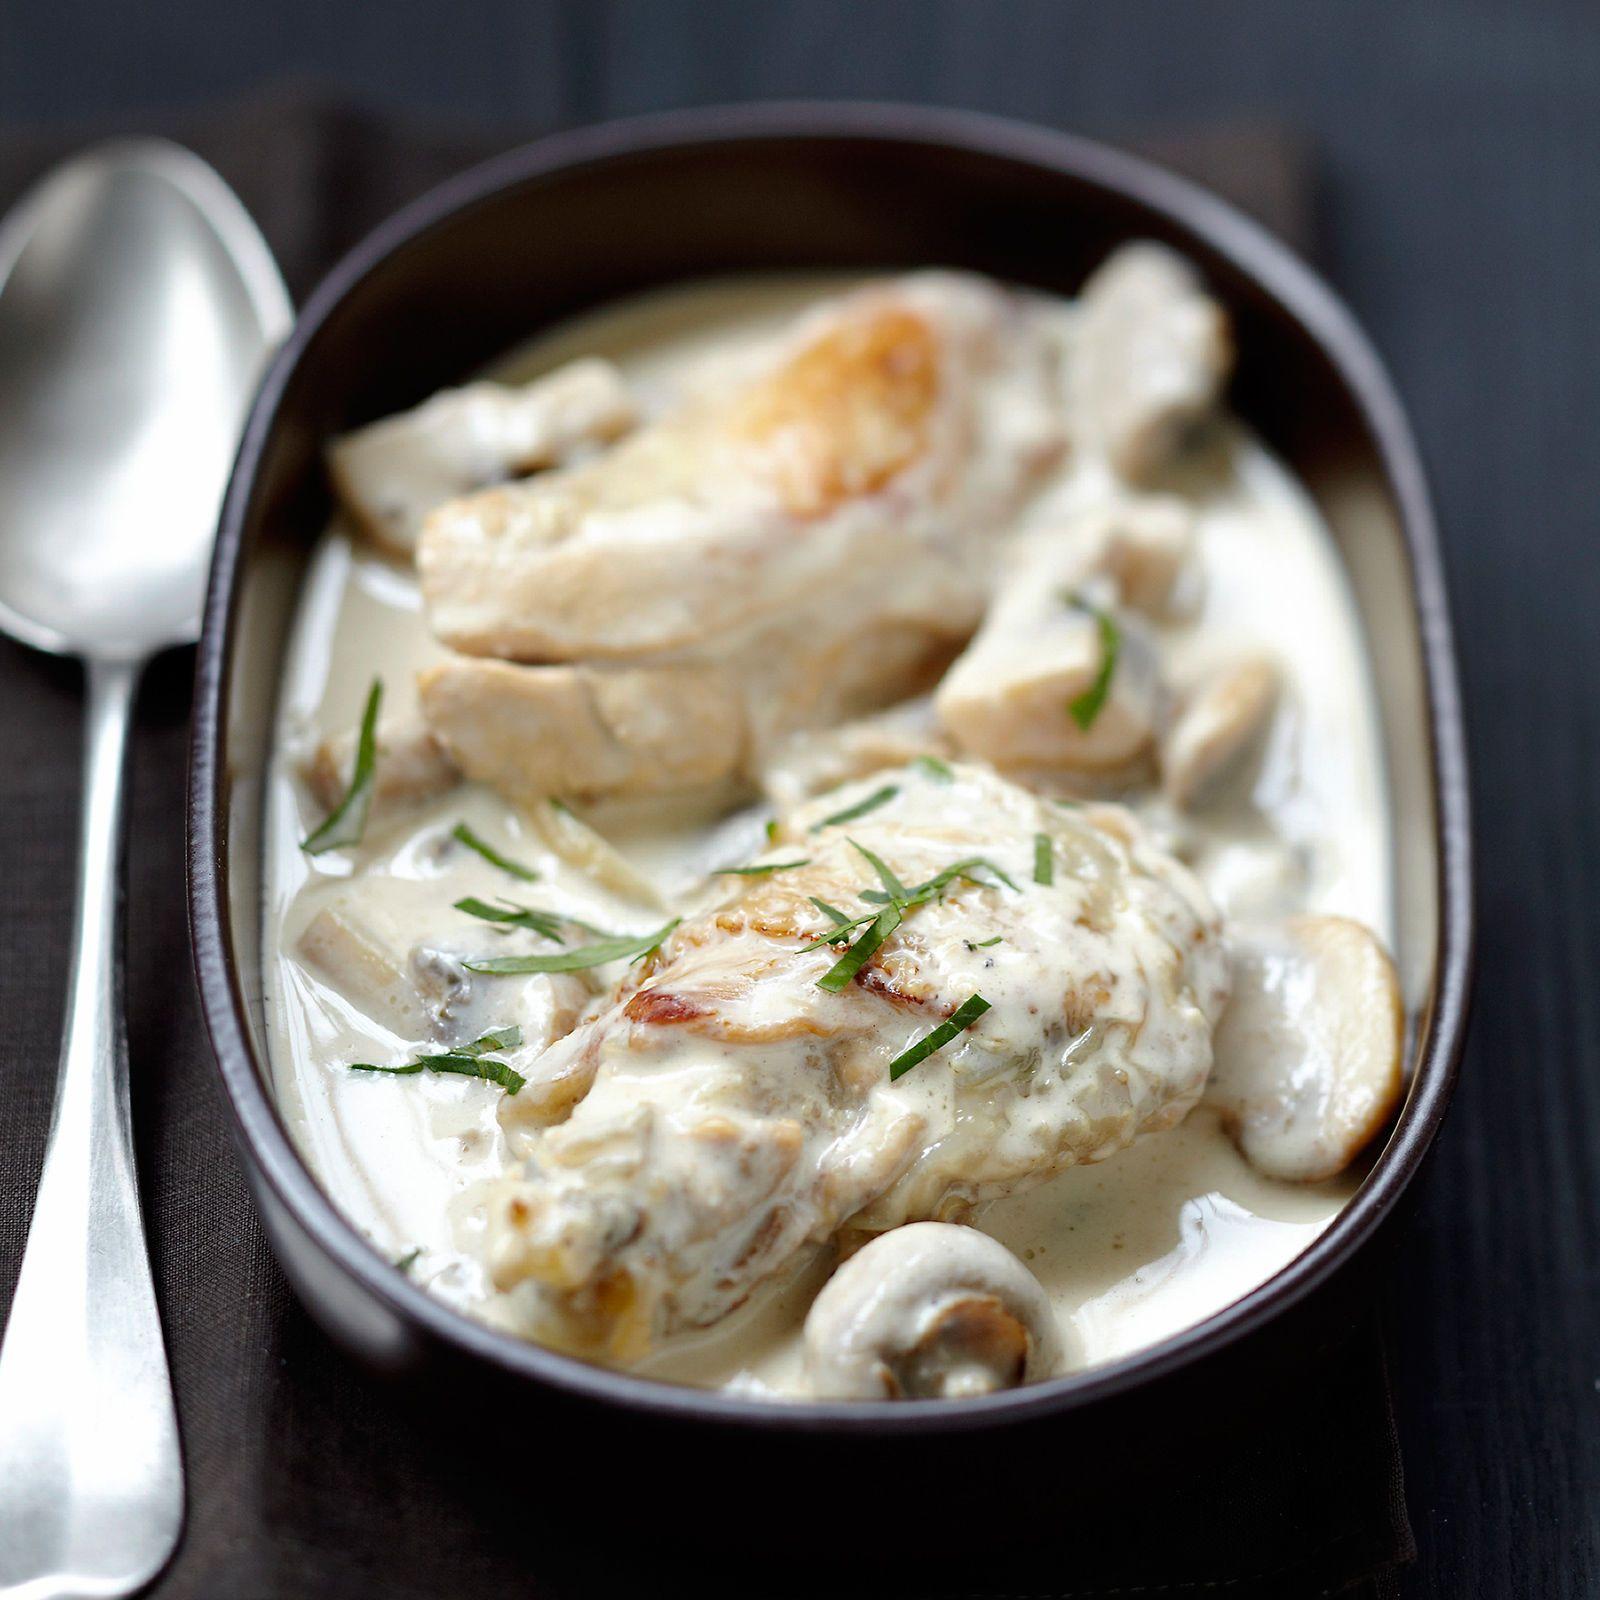 Découvrez la recette Blanc de poulet à la normande sur cuisineactuelle.fr.